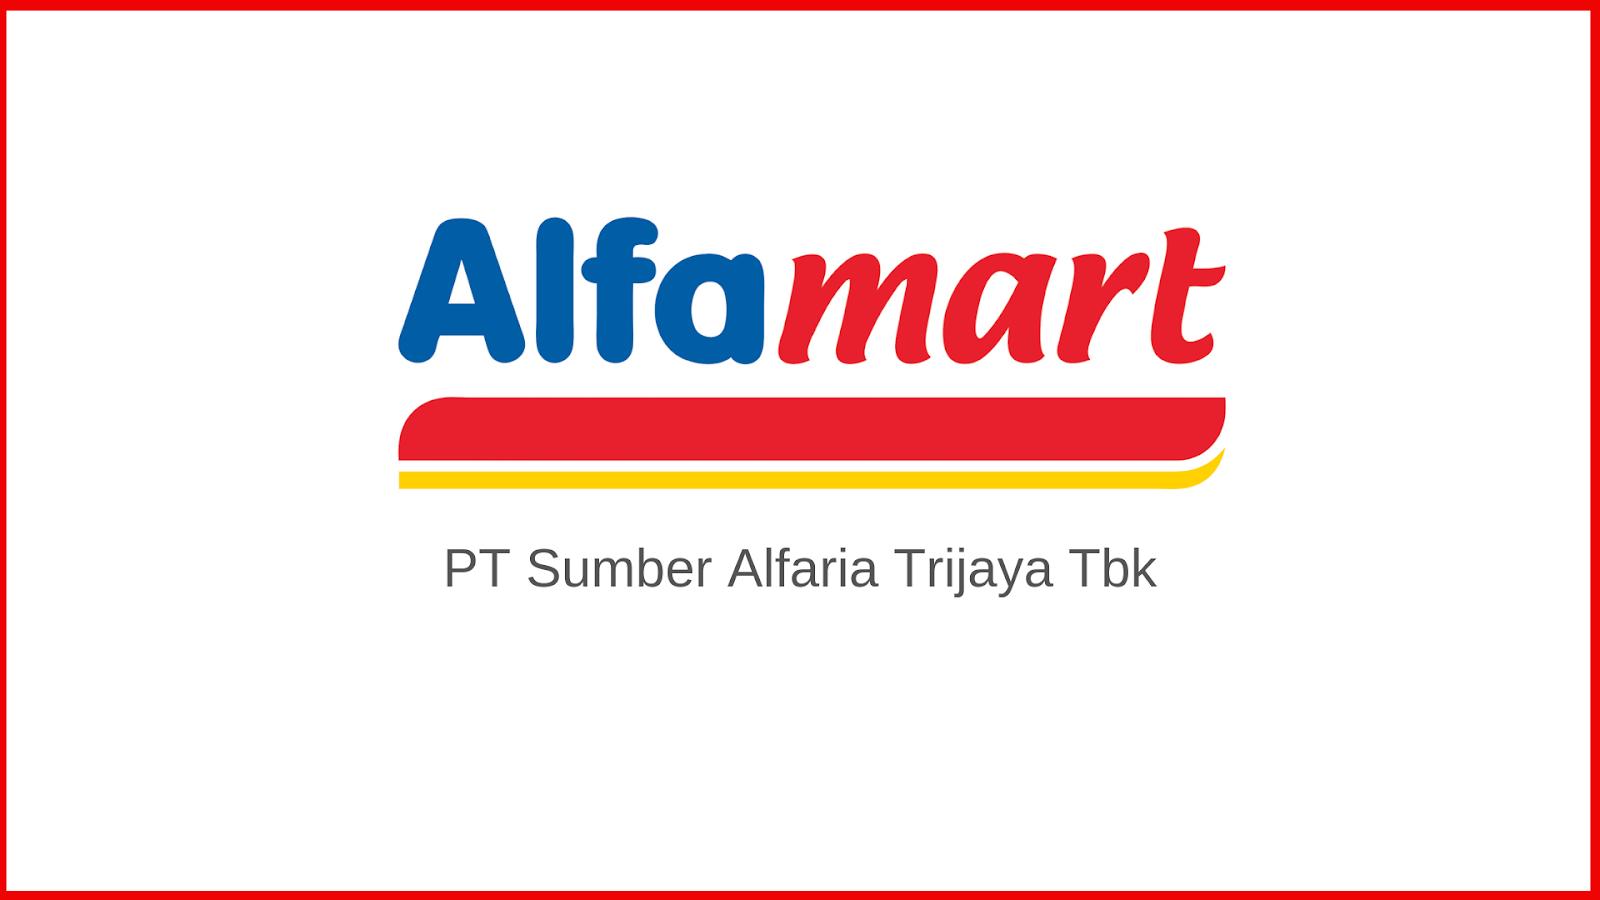 Lowongan Kerja Pt Sumber Alfaria Trijaya Tbk Alfamart Terbaru 2021